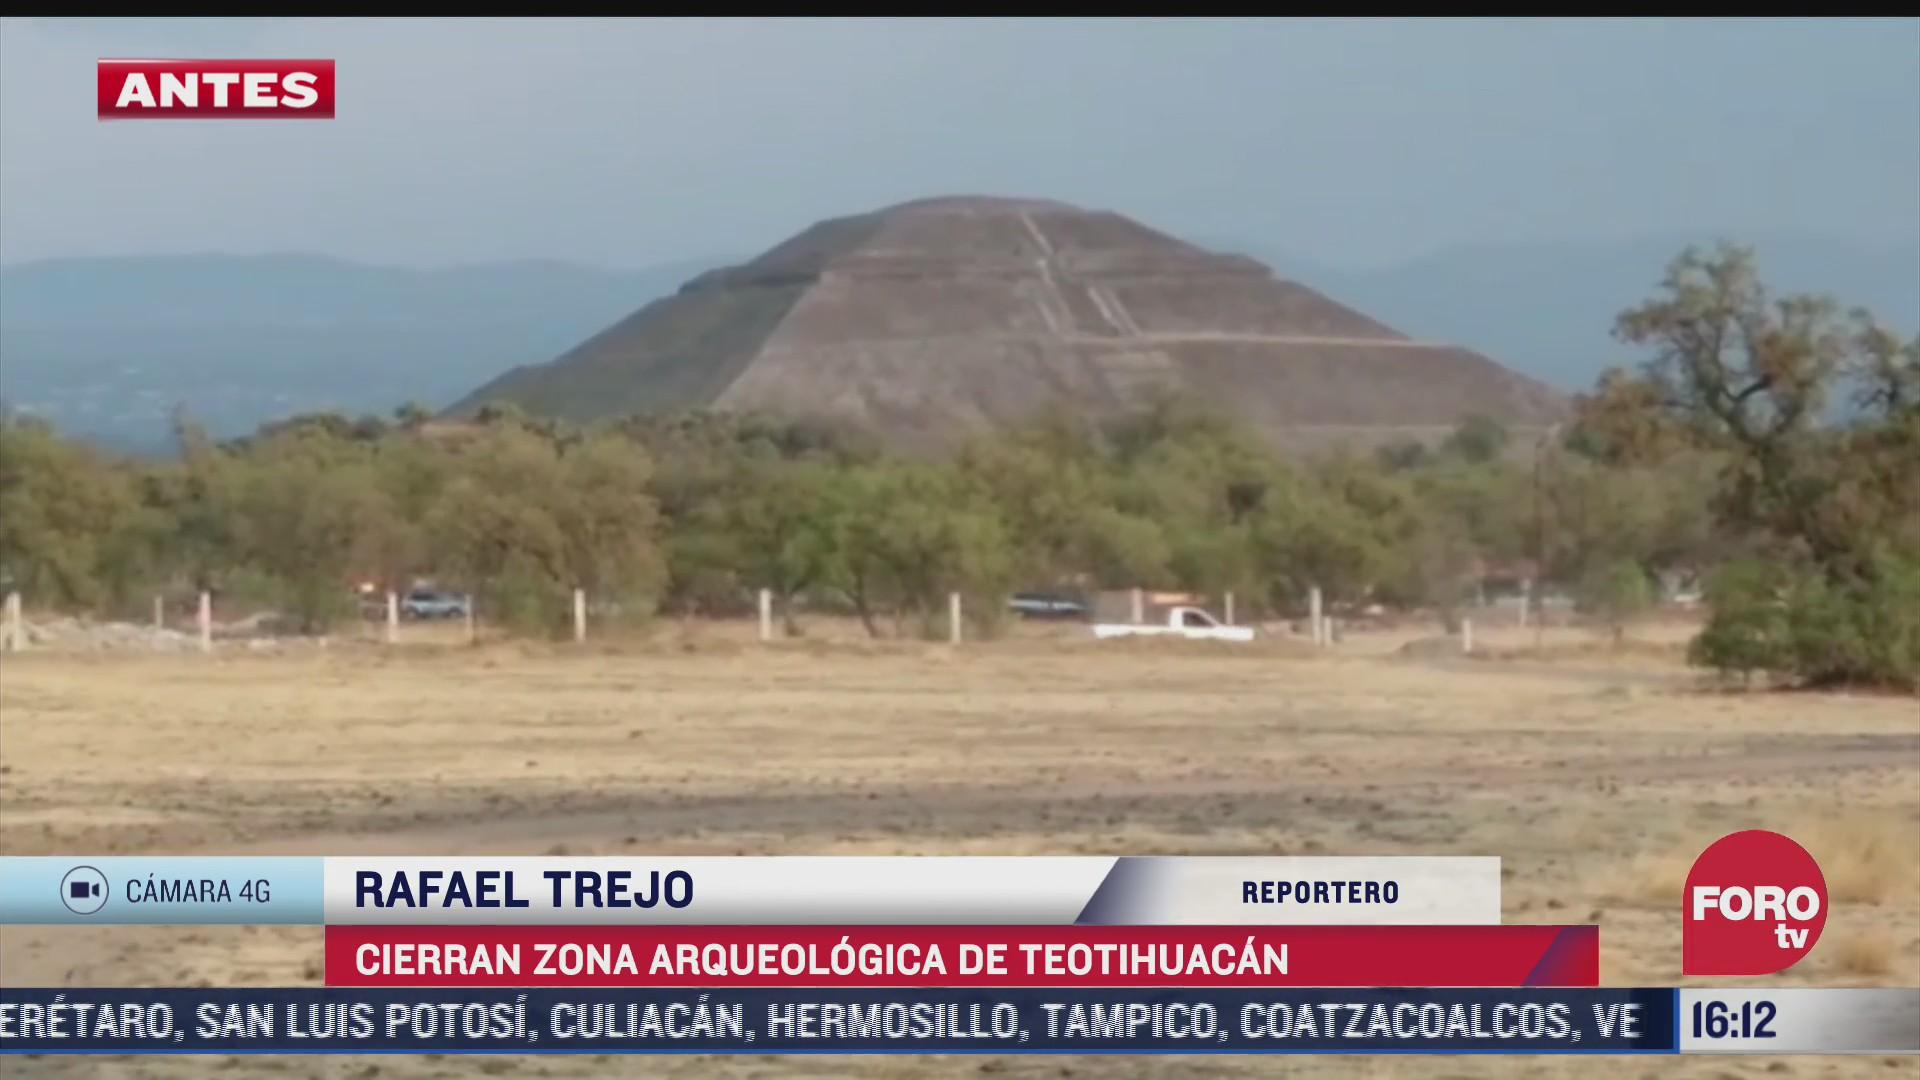 cierran zona arqueologica de teotihuacan